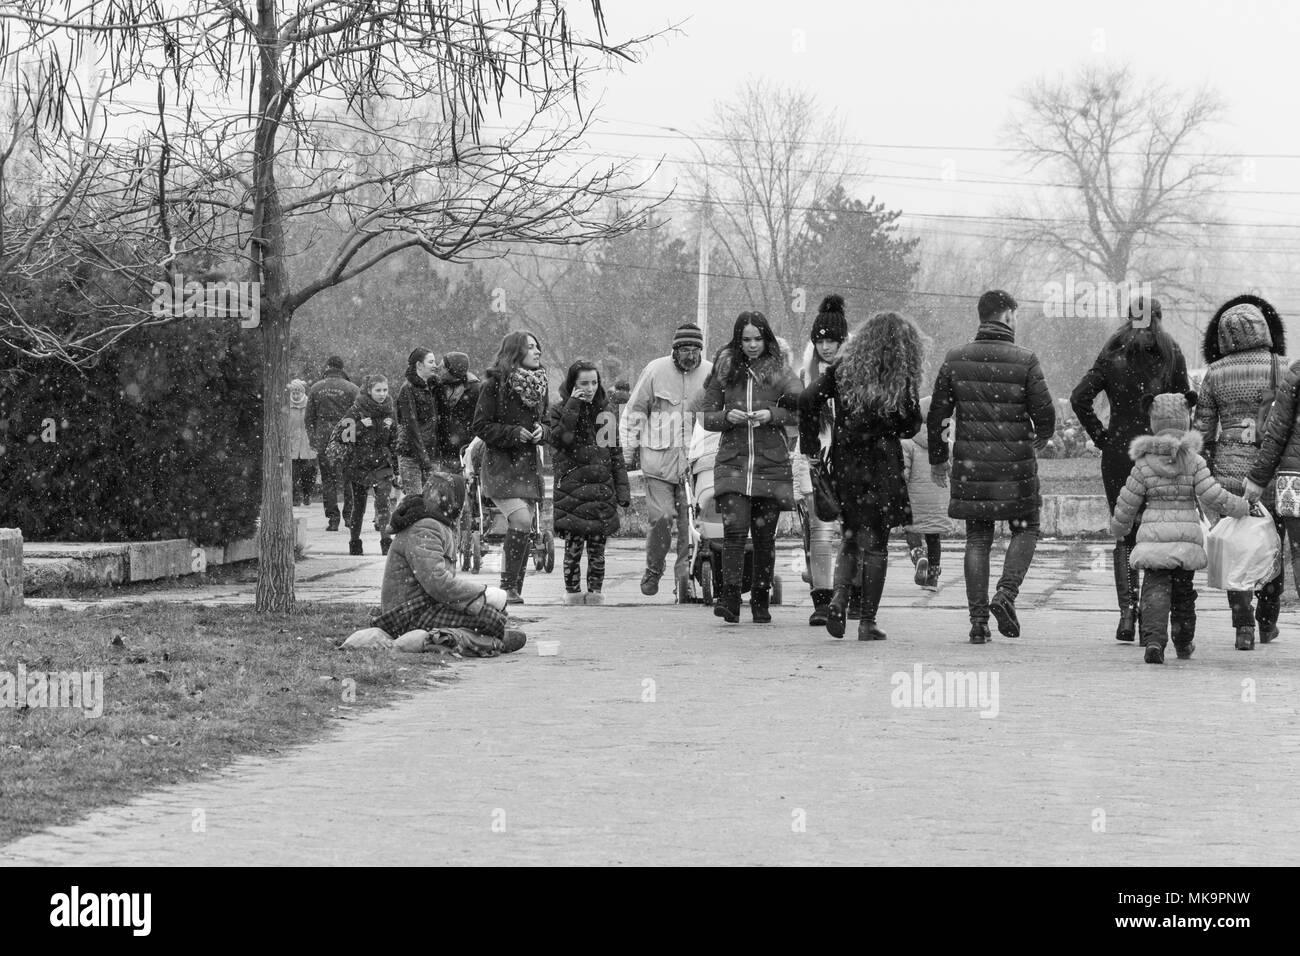 Eine Gruppe von Menschen zu Fuß durch den Winter Park, eine Reportage Foto in Schwarz und Weiß. Stockbild